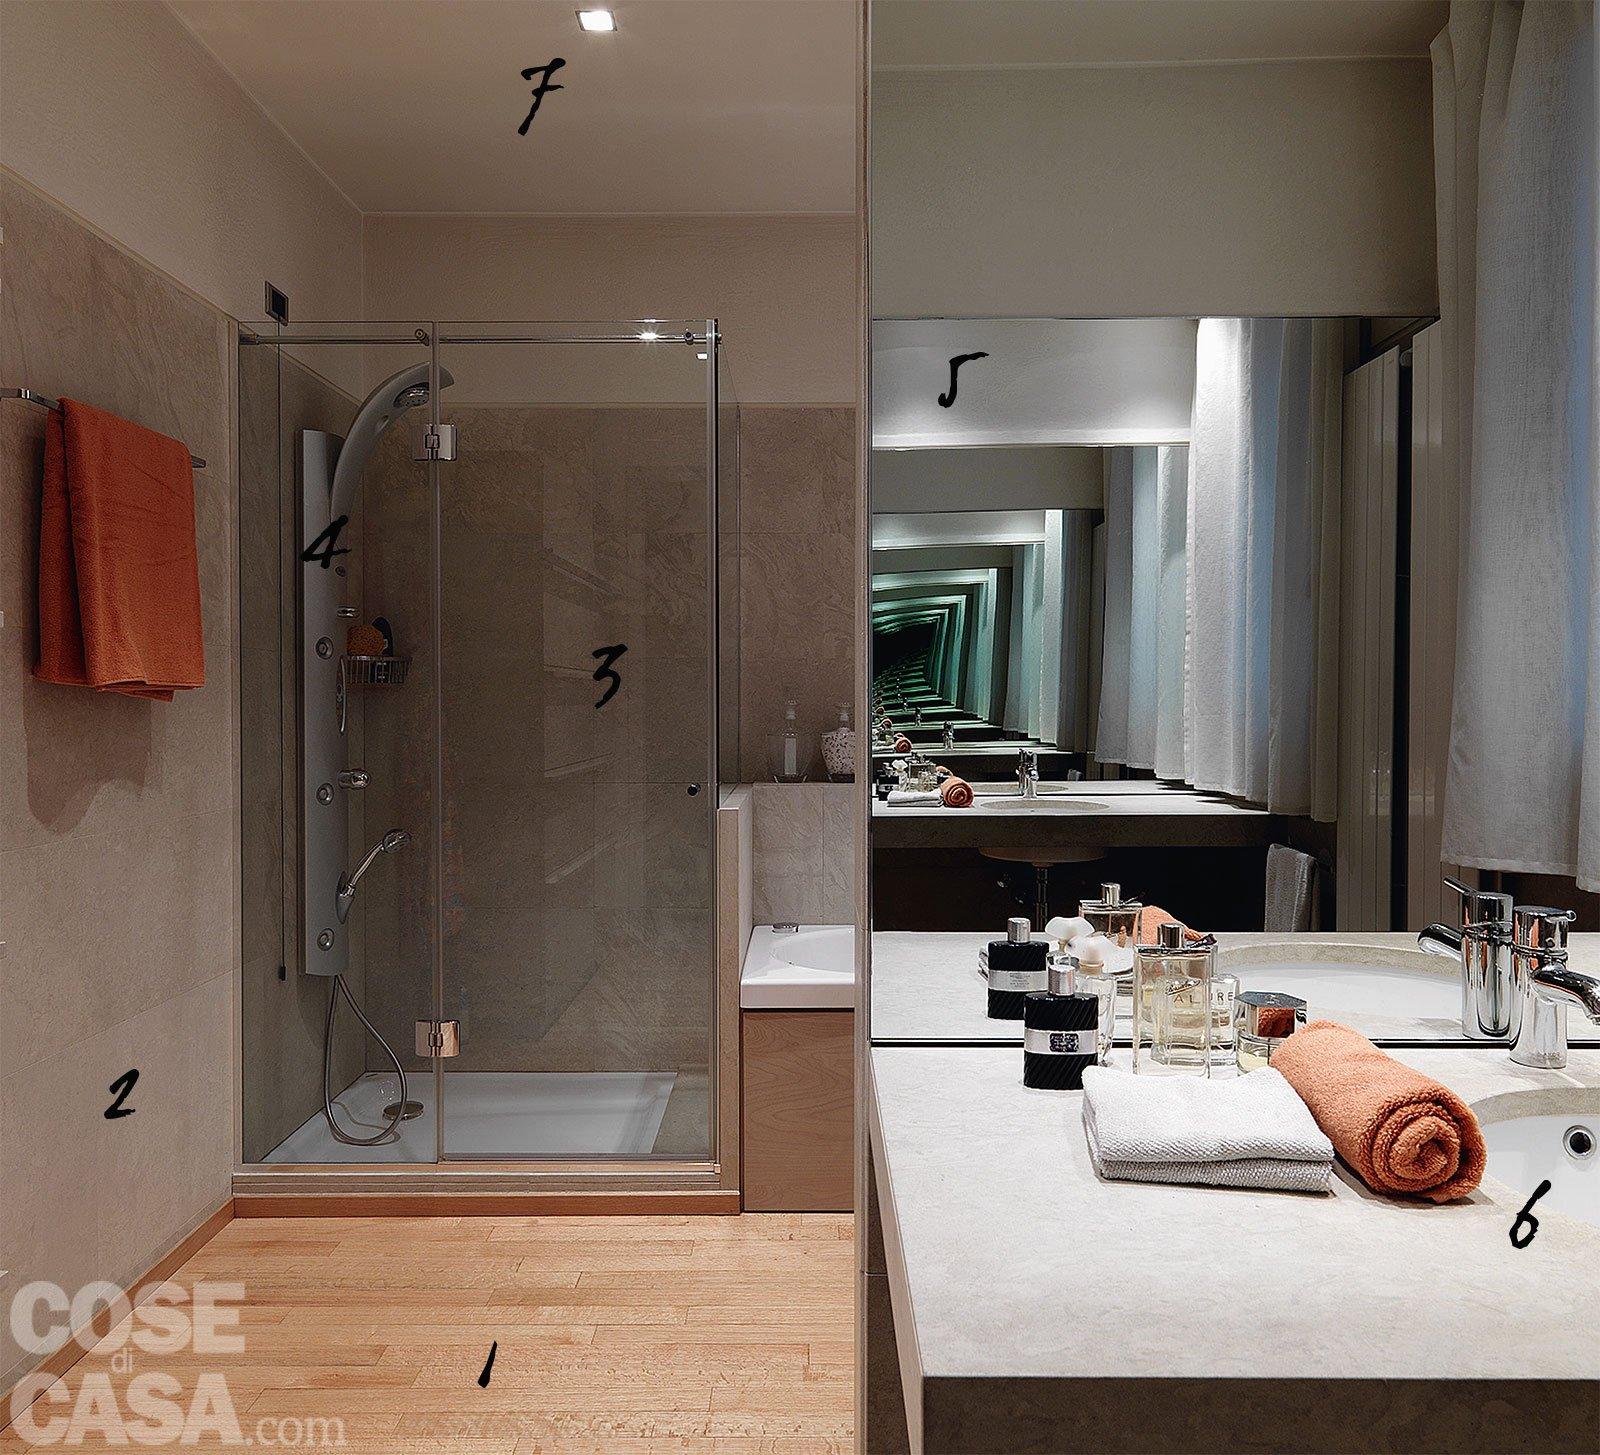 Bagno in stile minimal idee da copiare cose di casa - Arredo per la casa ...